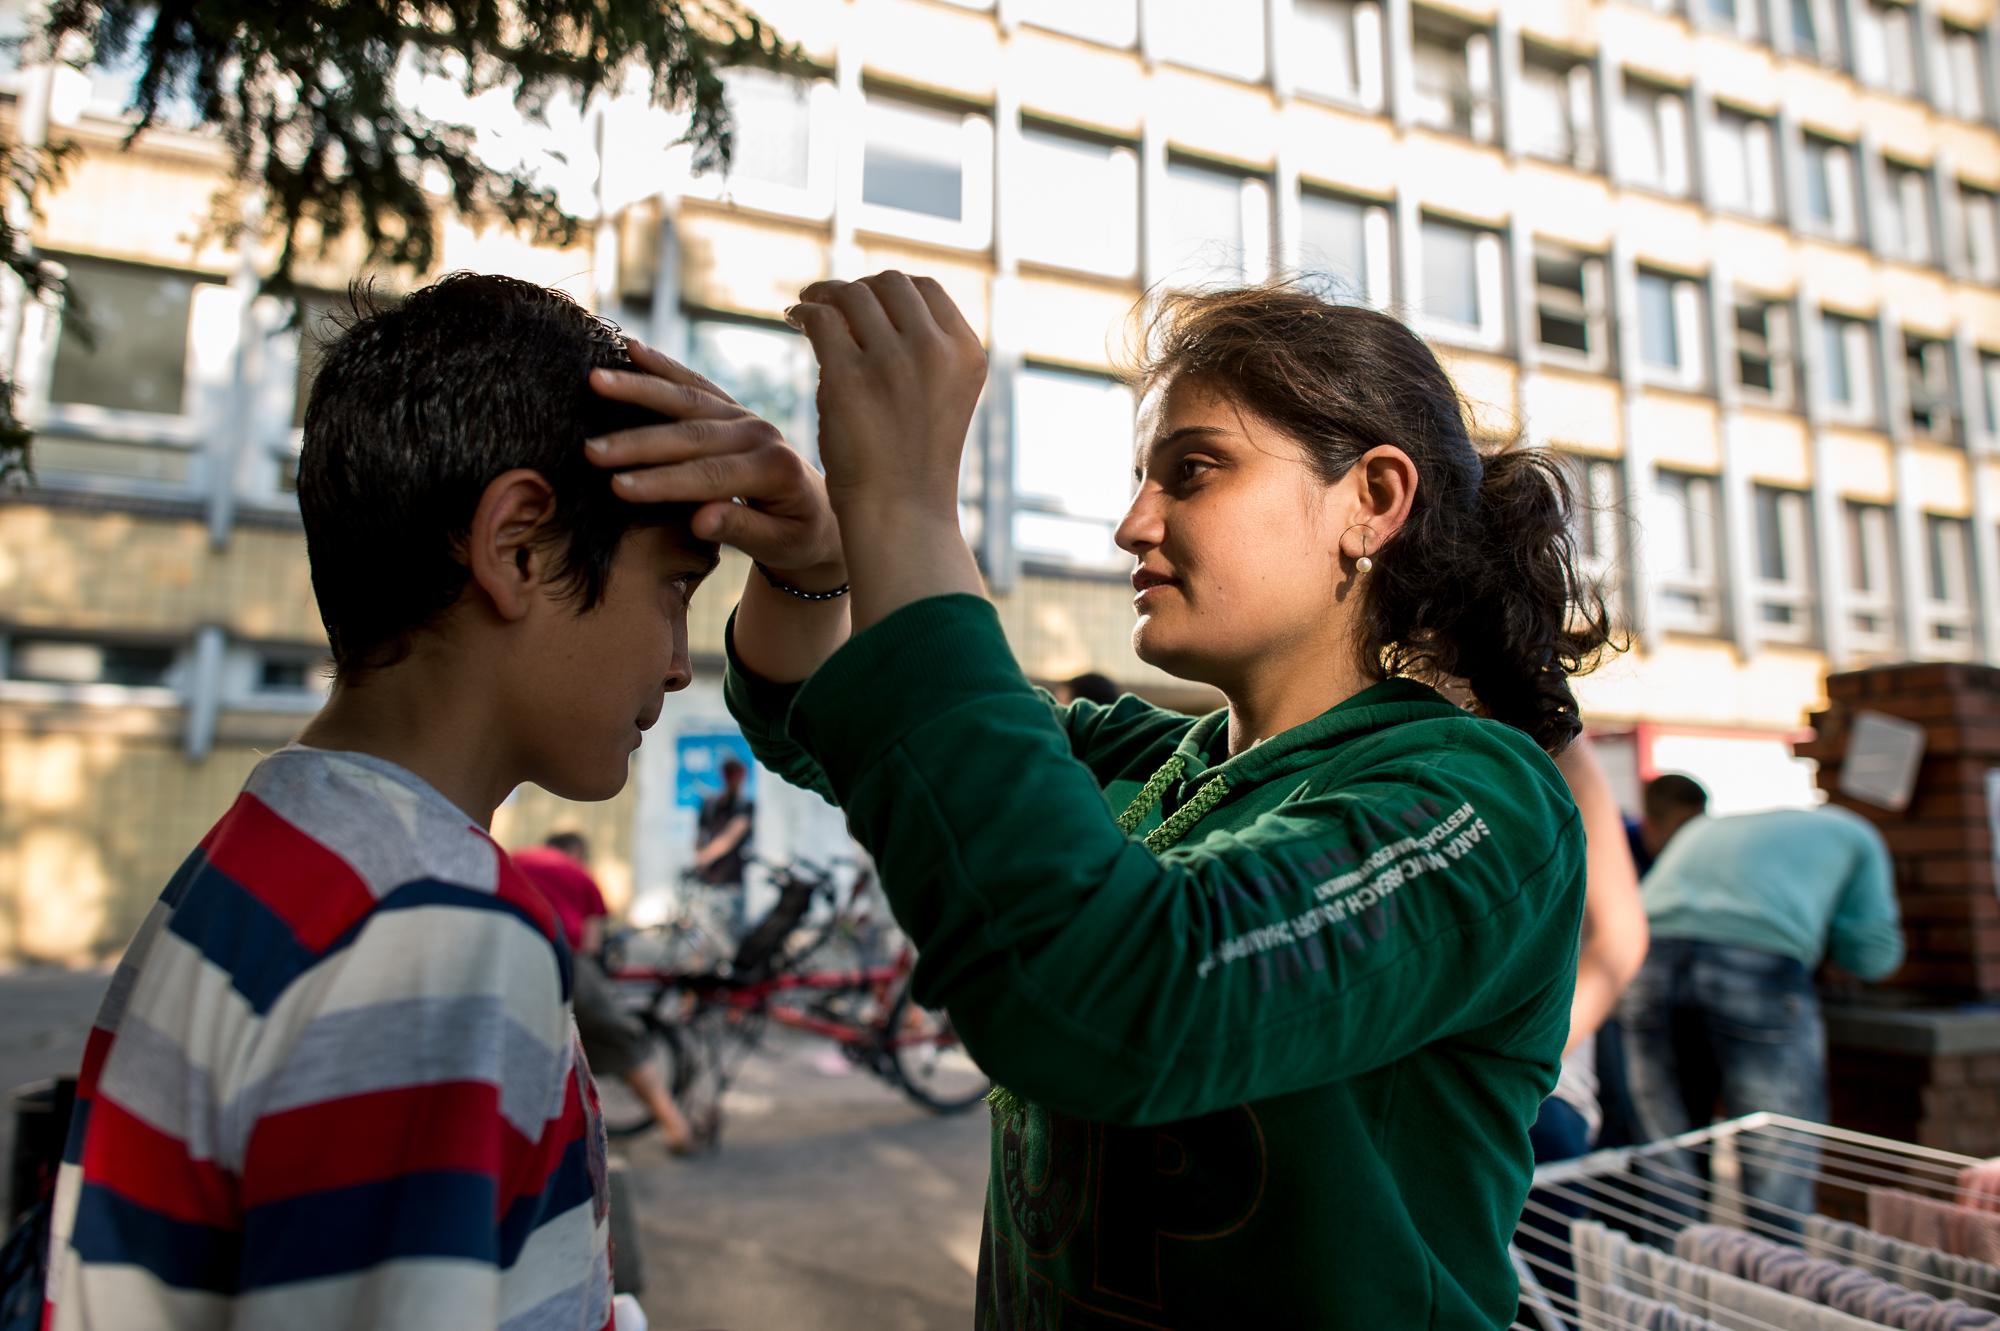 Egy szír menekült igazítja meg testvére haját a civilek által működő várakozó helyen a pécsi vasútállomás mellett 2015. augusztus 31-én.